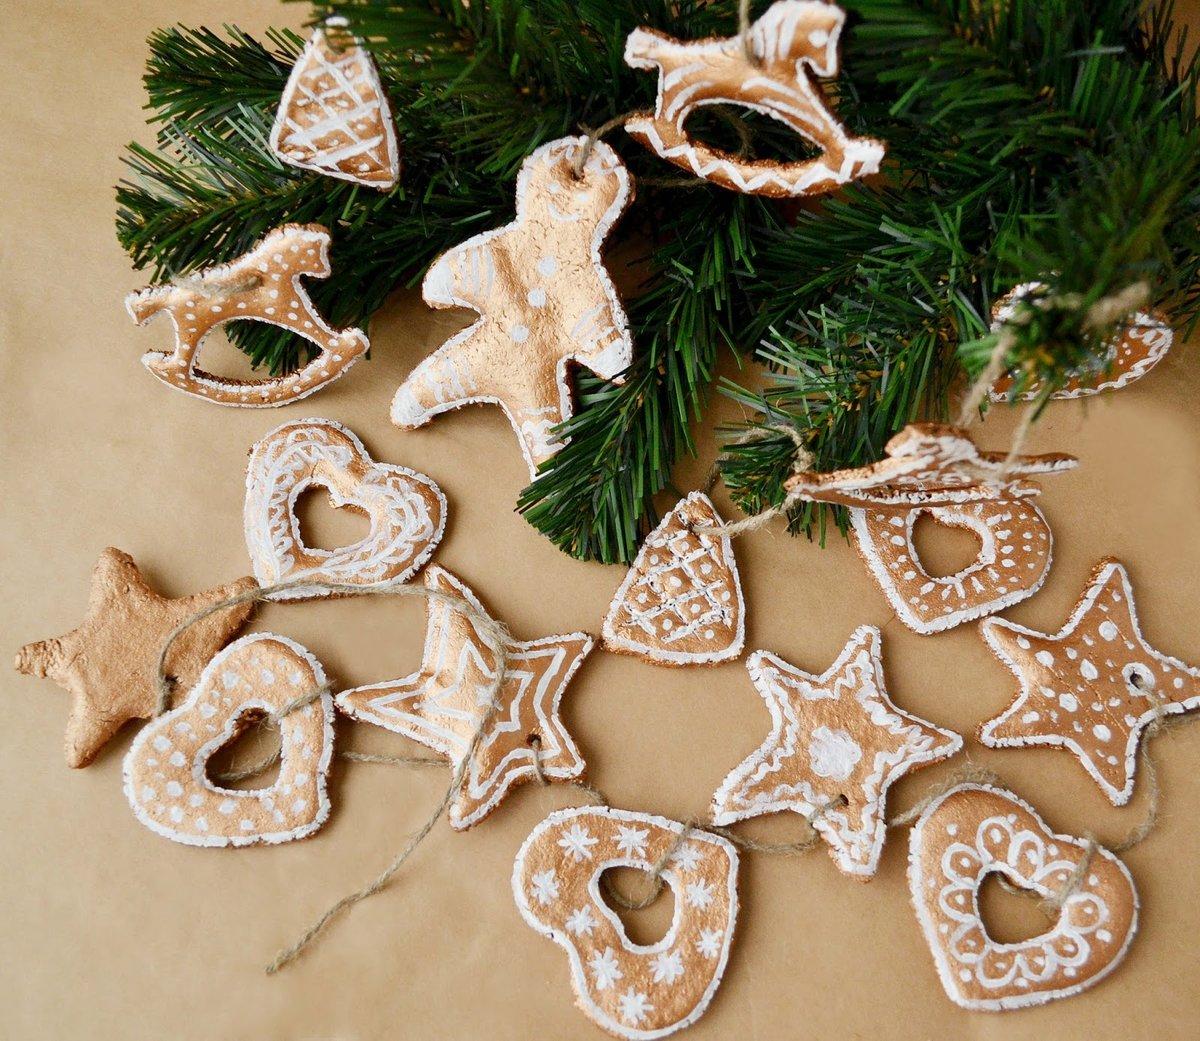 Новогодние украшения из солёного теста своими руками 40